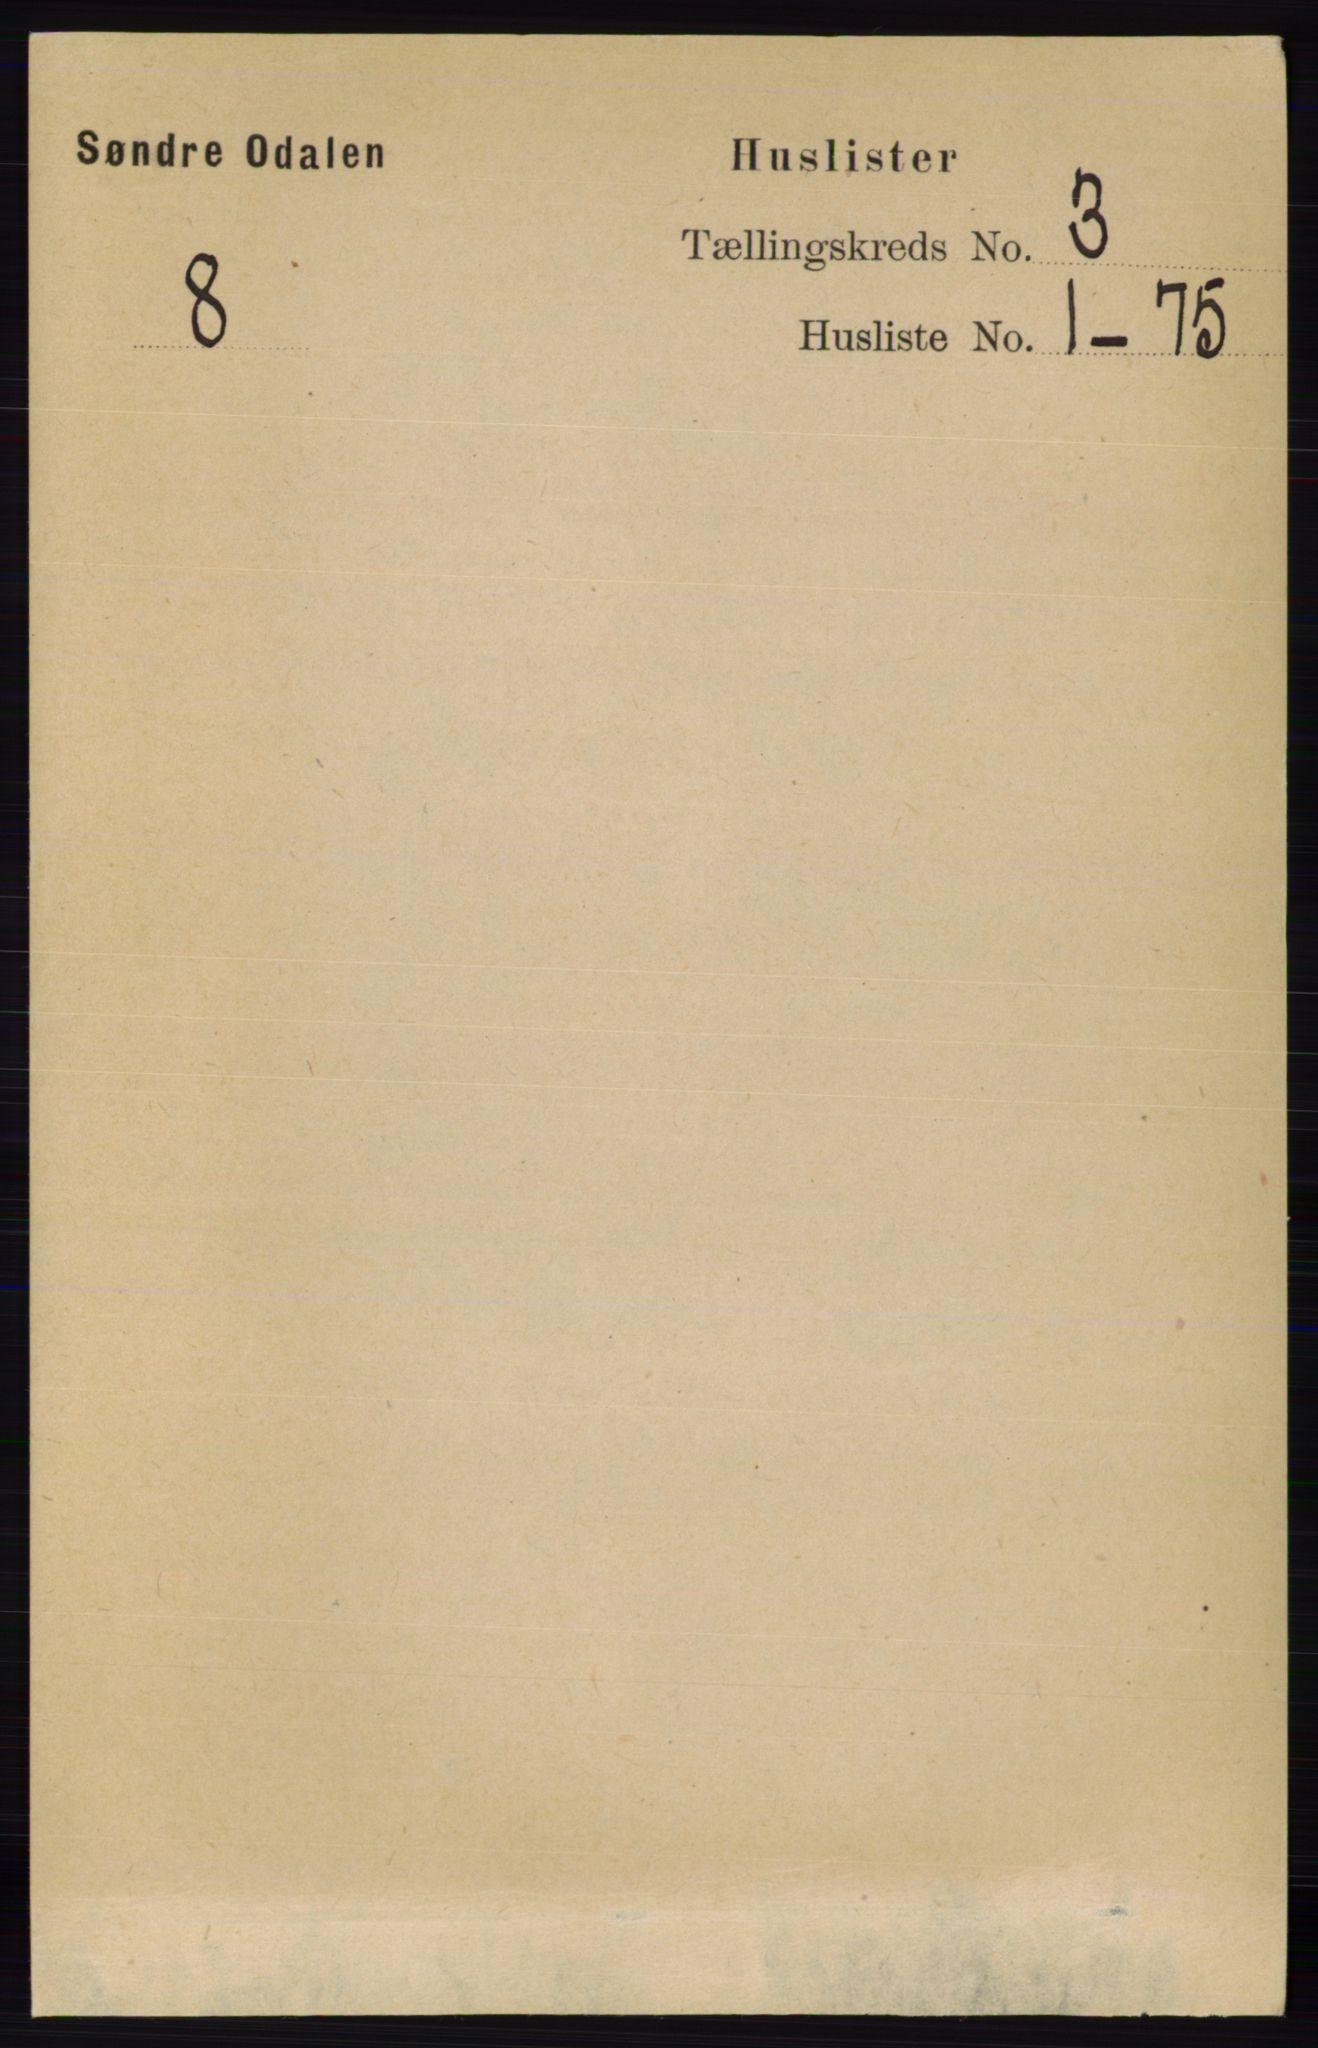 RA, Folketelling 1891 for 0419 Sør-Odal herred, 1891, s. 1075